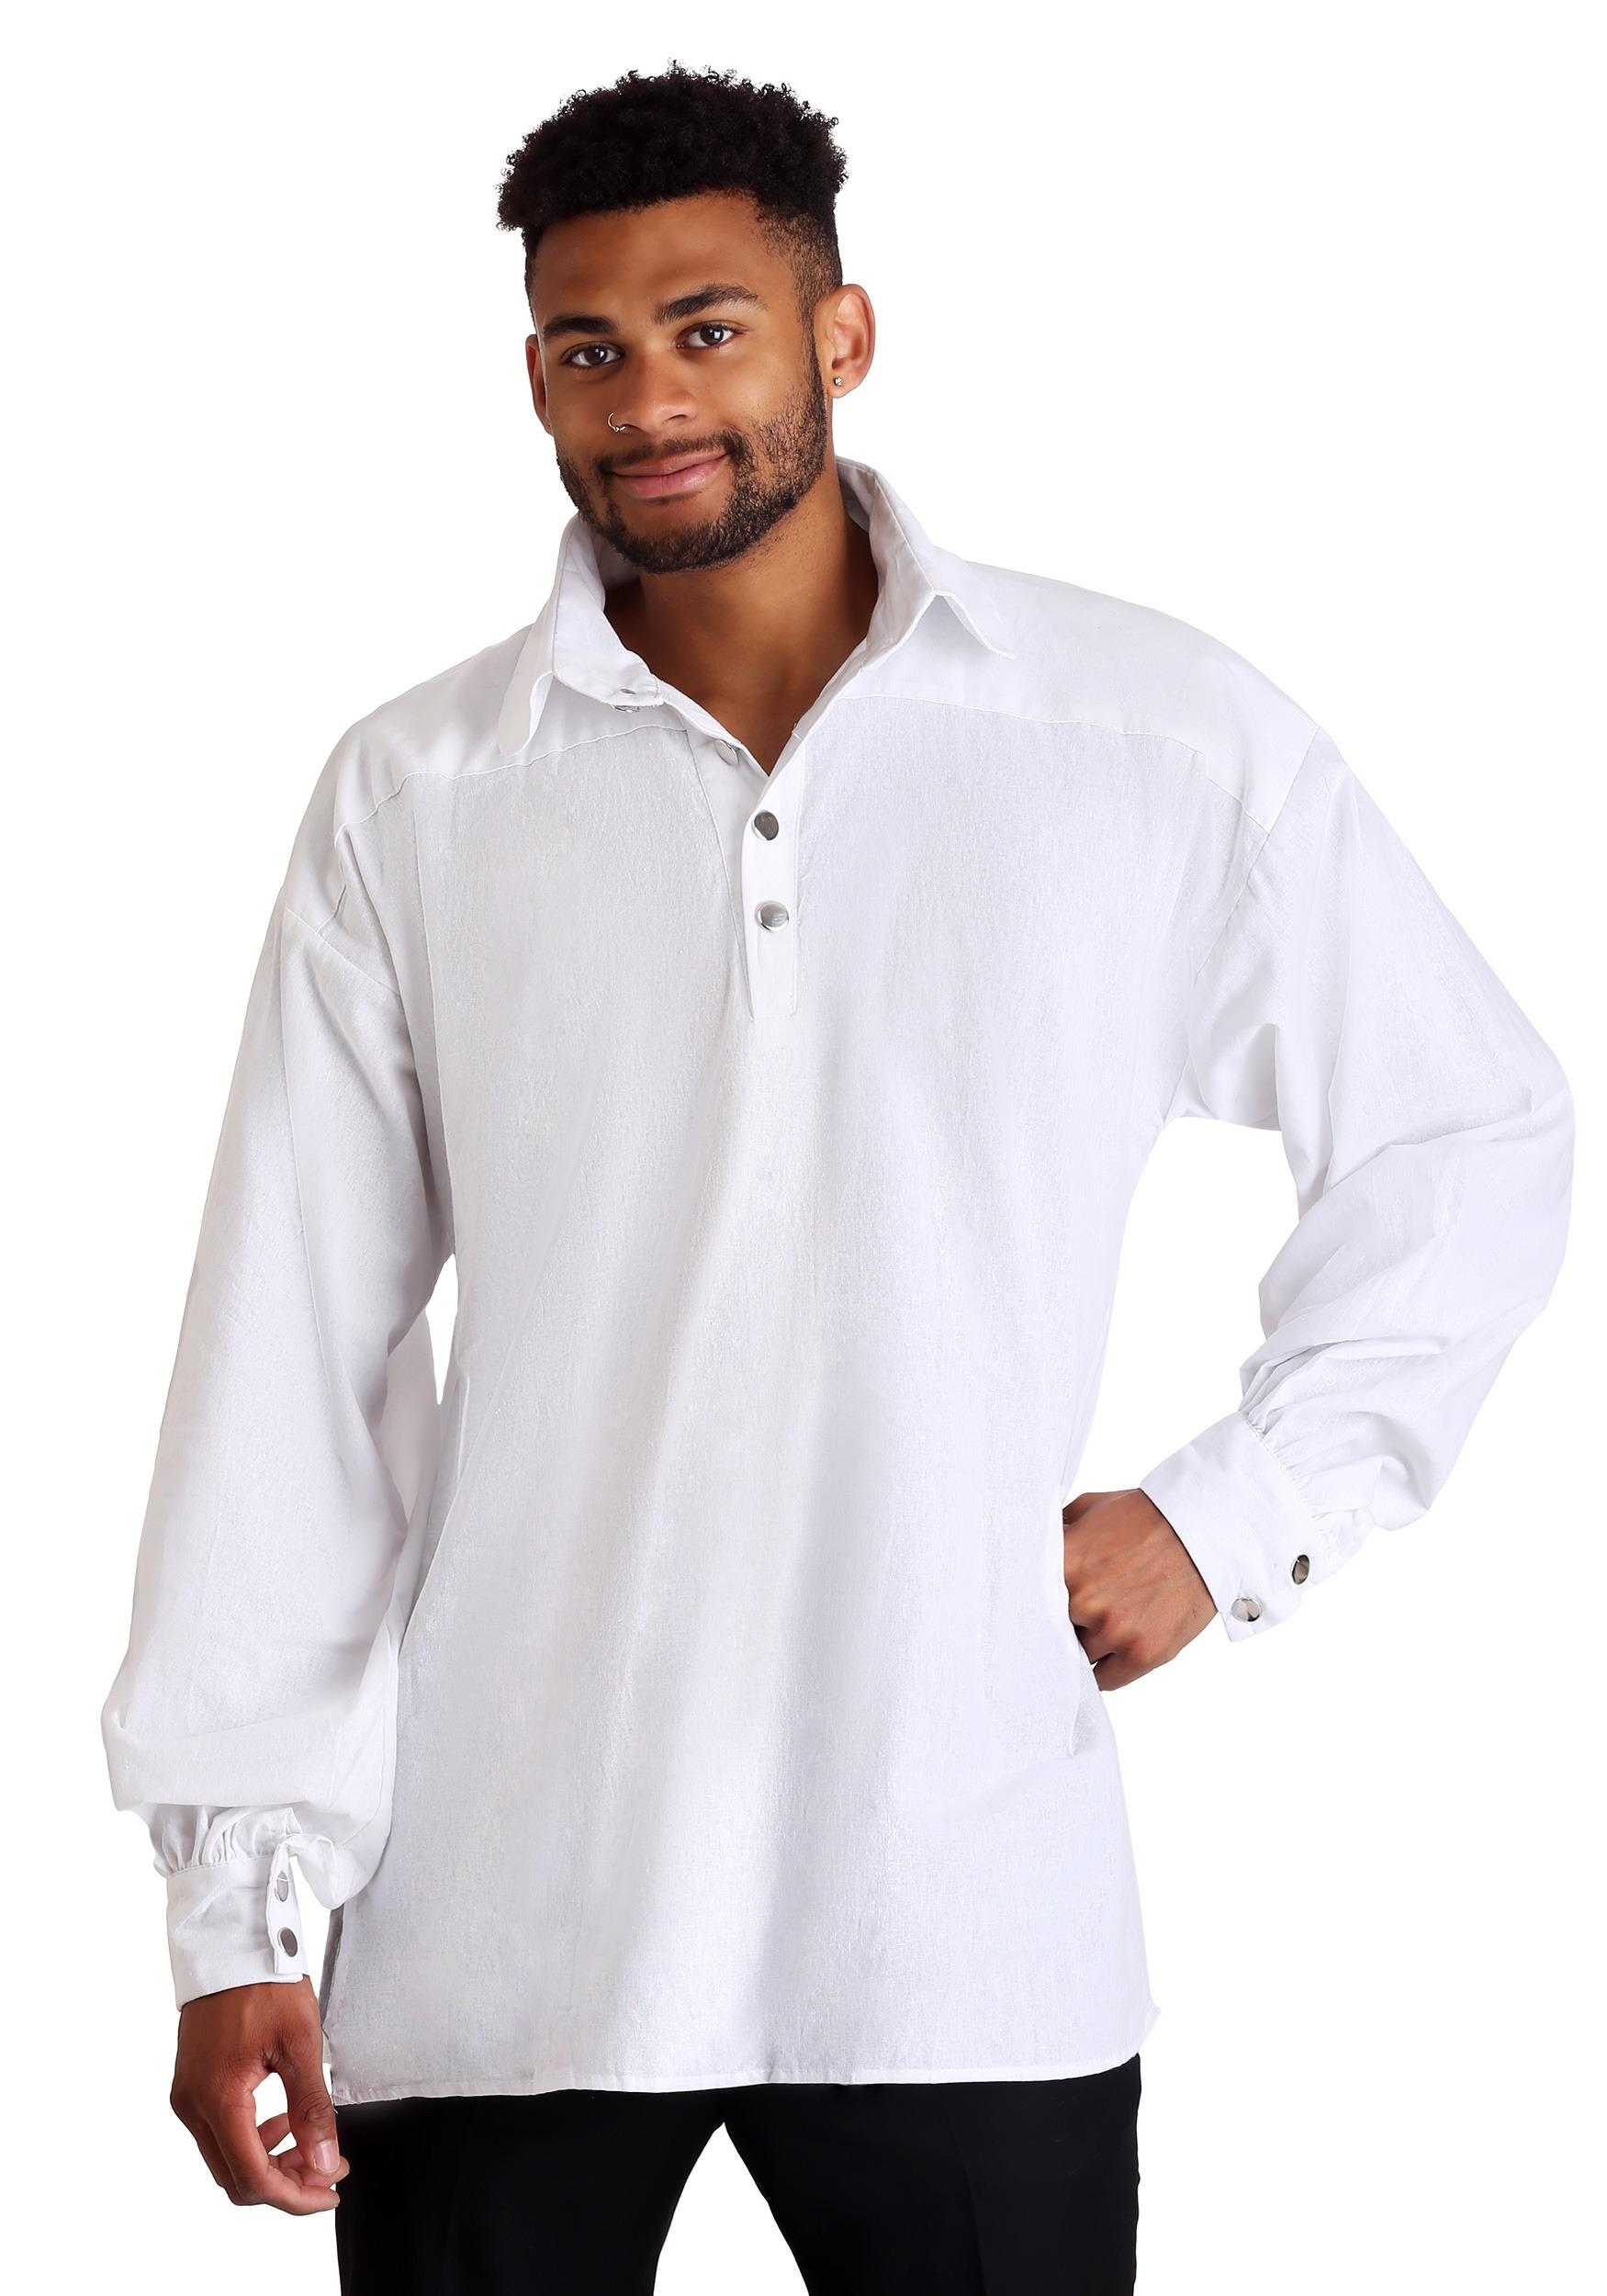 White Renaissance Shirt for Men